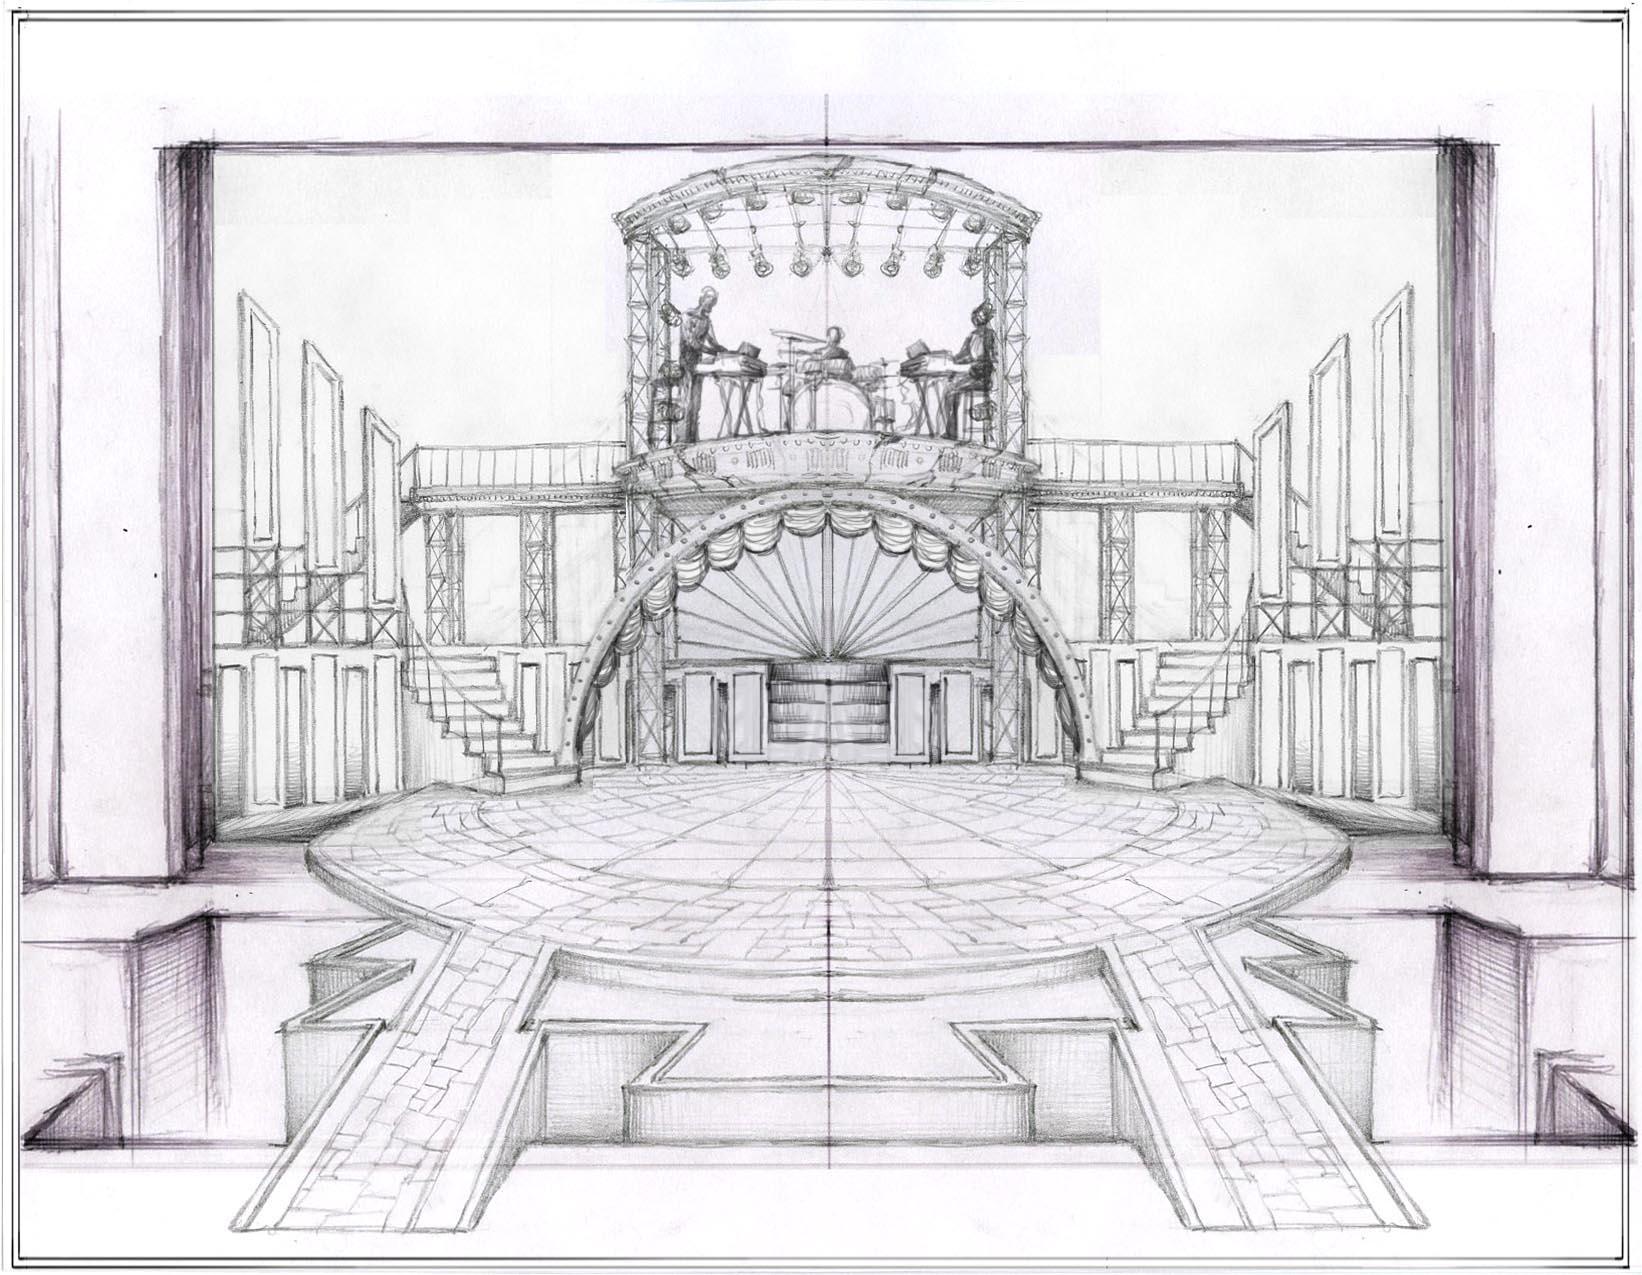 Preliminary Sketch #3